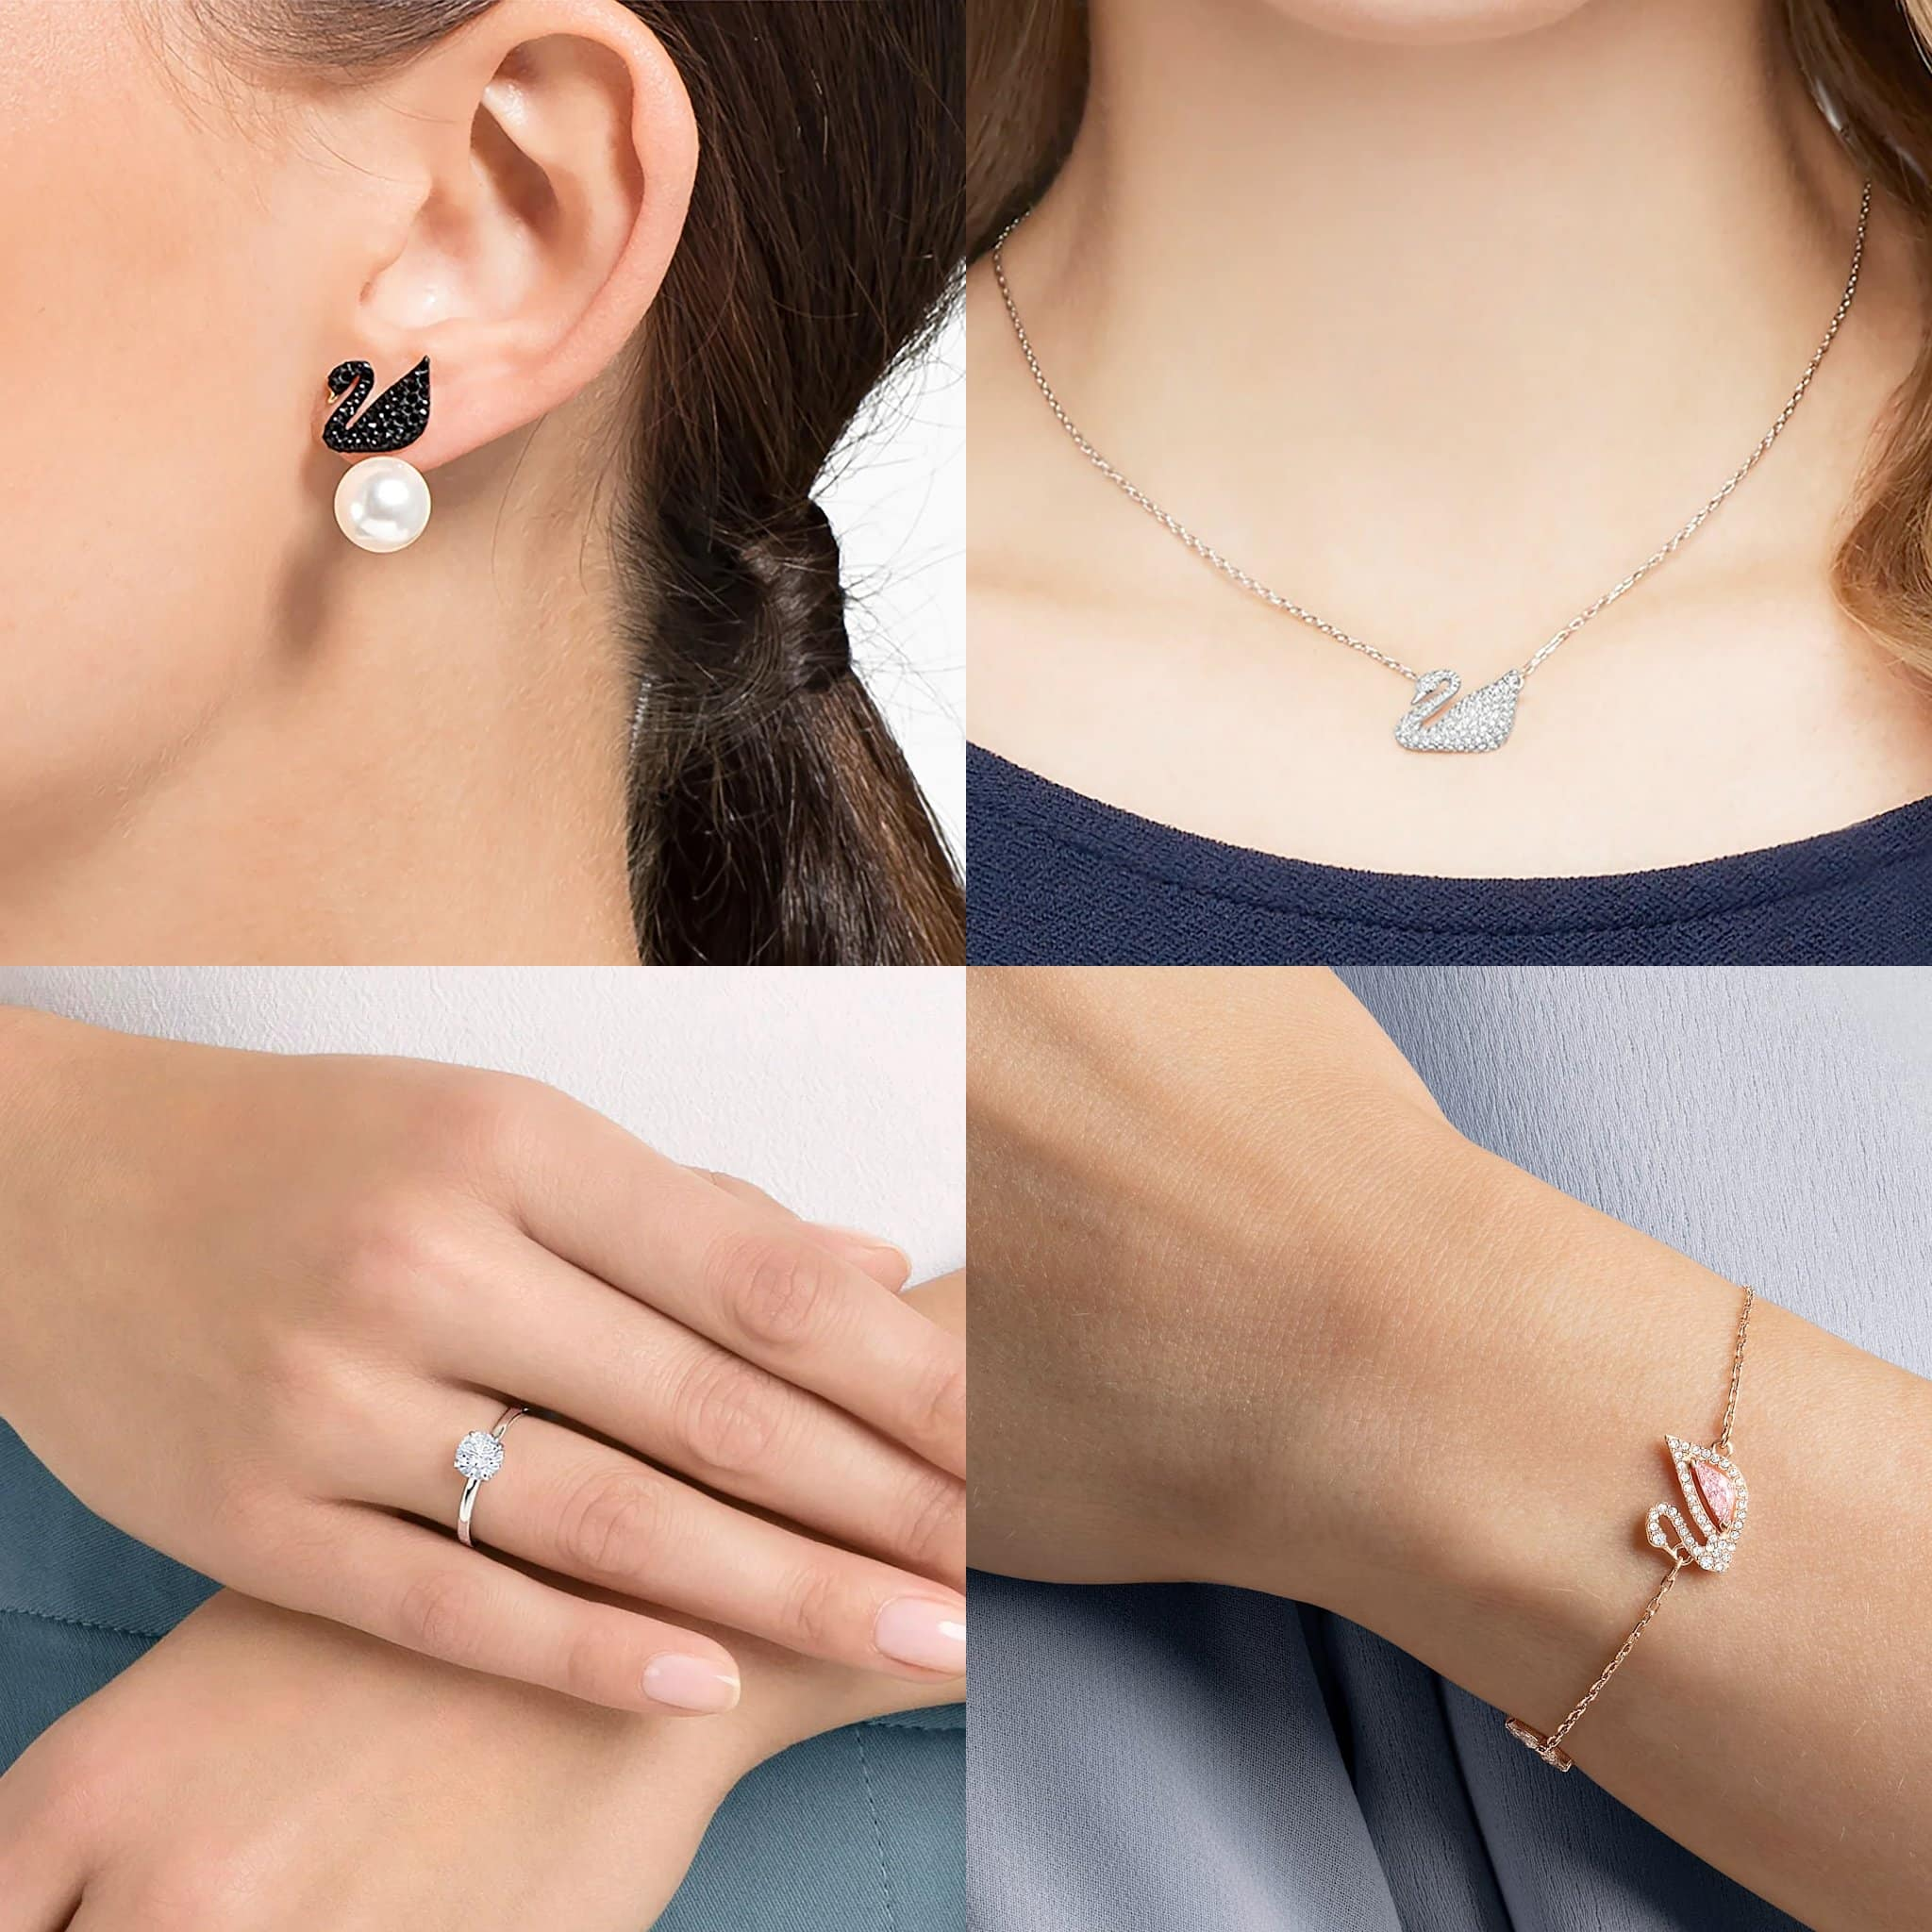 Swarovski Iconic Swan Pierced Earring Jackets, Swarovski Swan necklace, Swarovski Attract ring, Swarovski Dazzling Swan bracelet